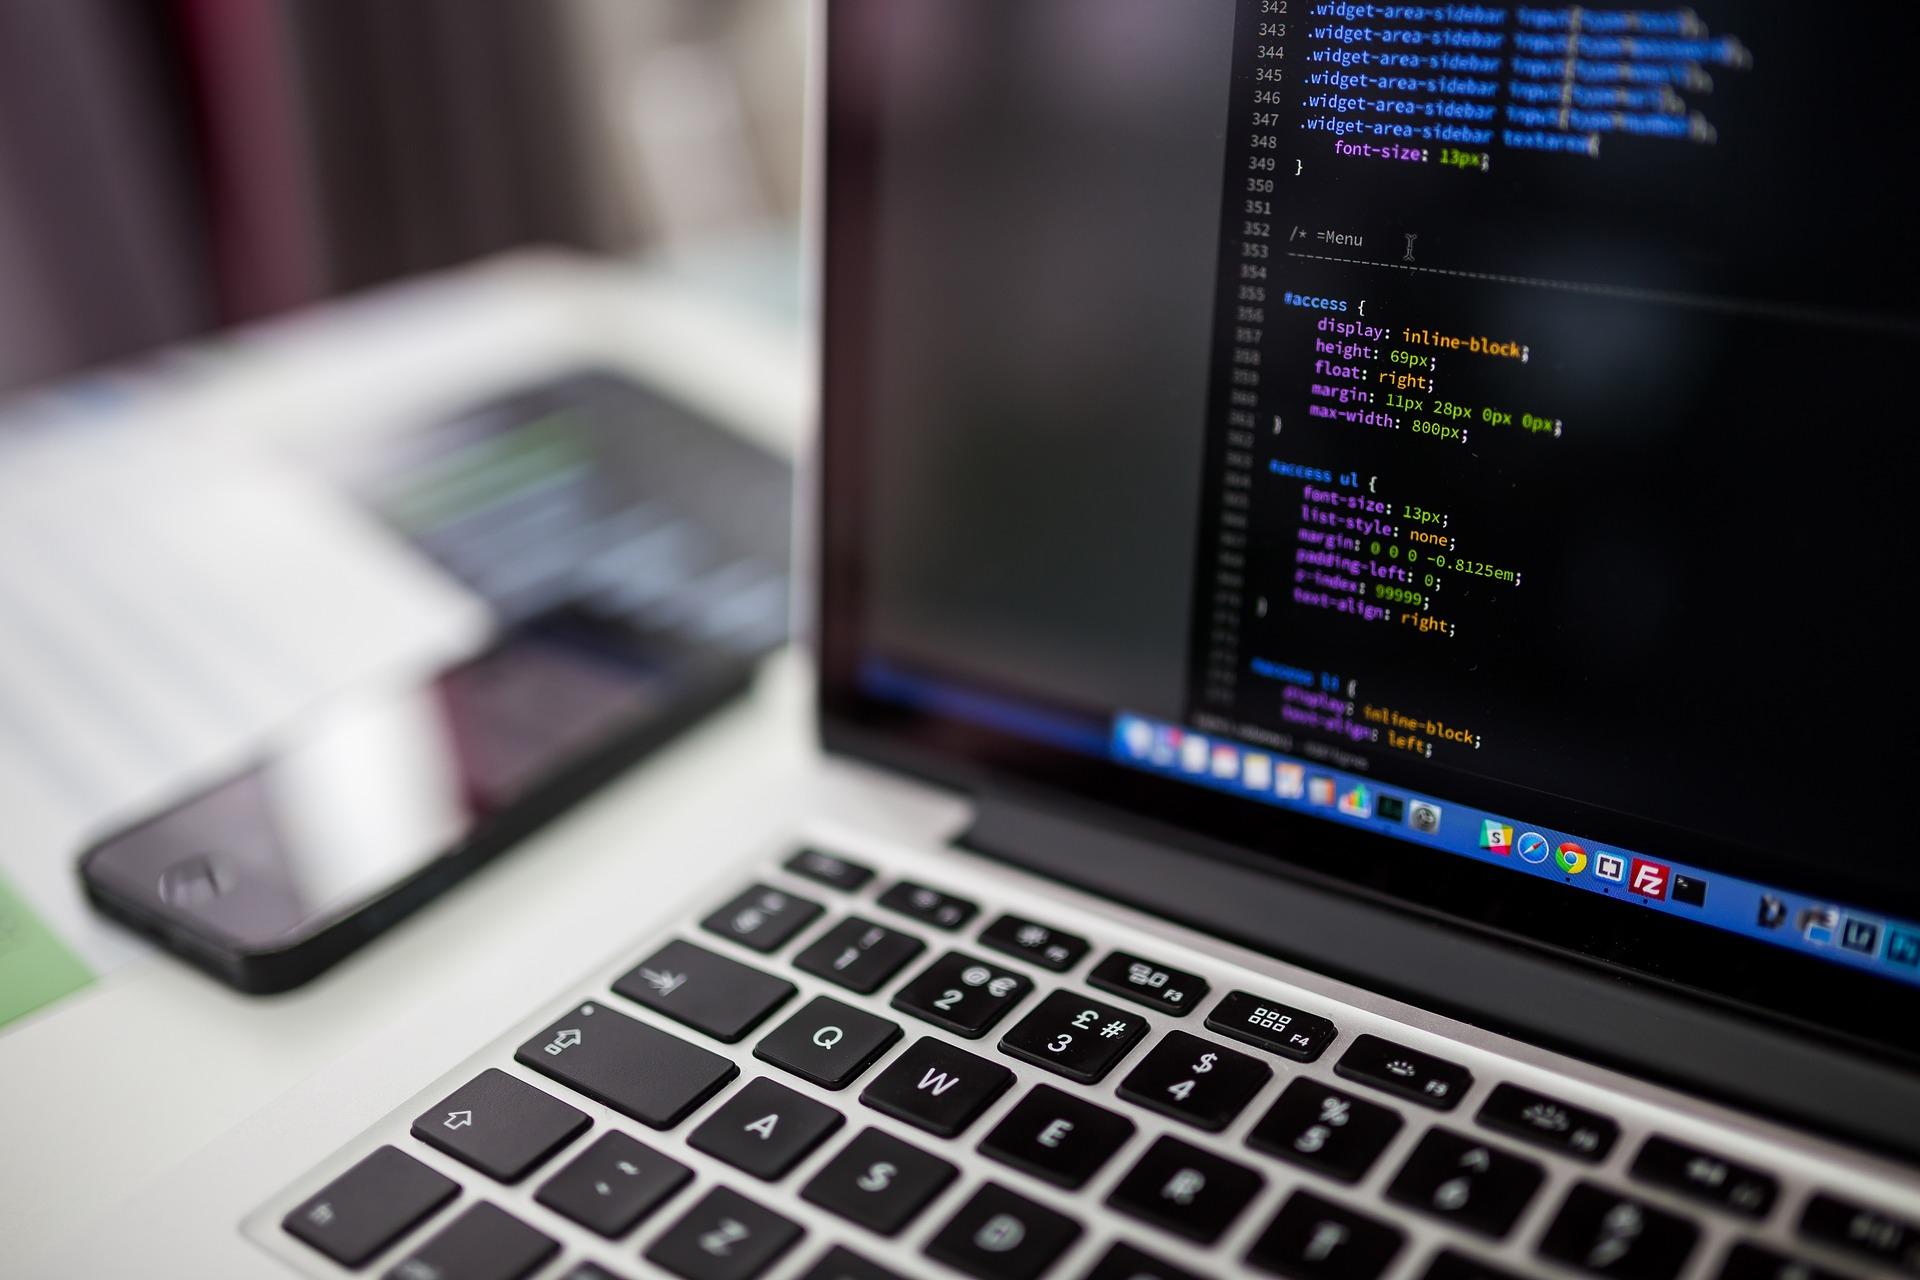 Apprenez à développer facilement des applications Android avec les promotions sur les cours Udemy du Cyber Monday